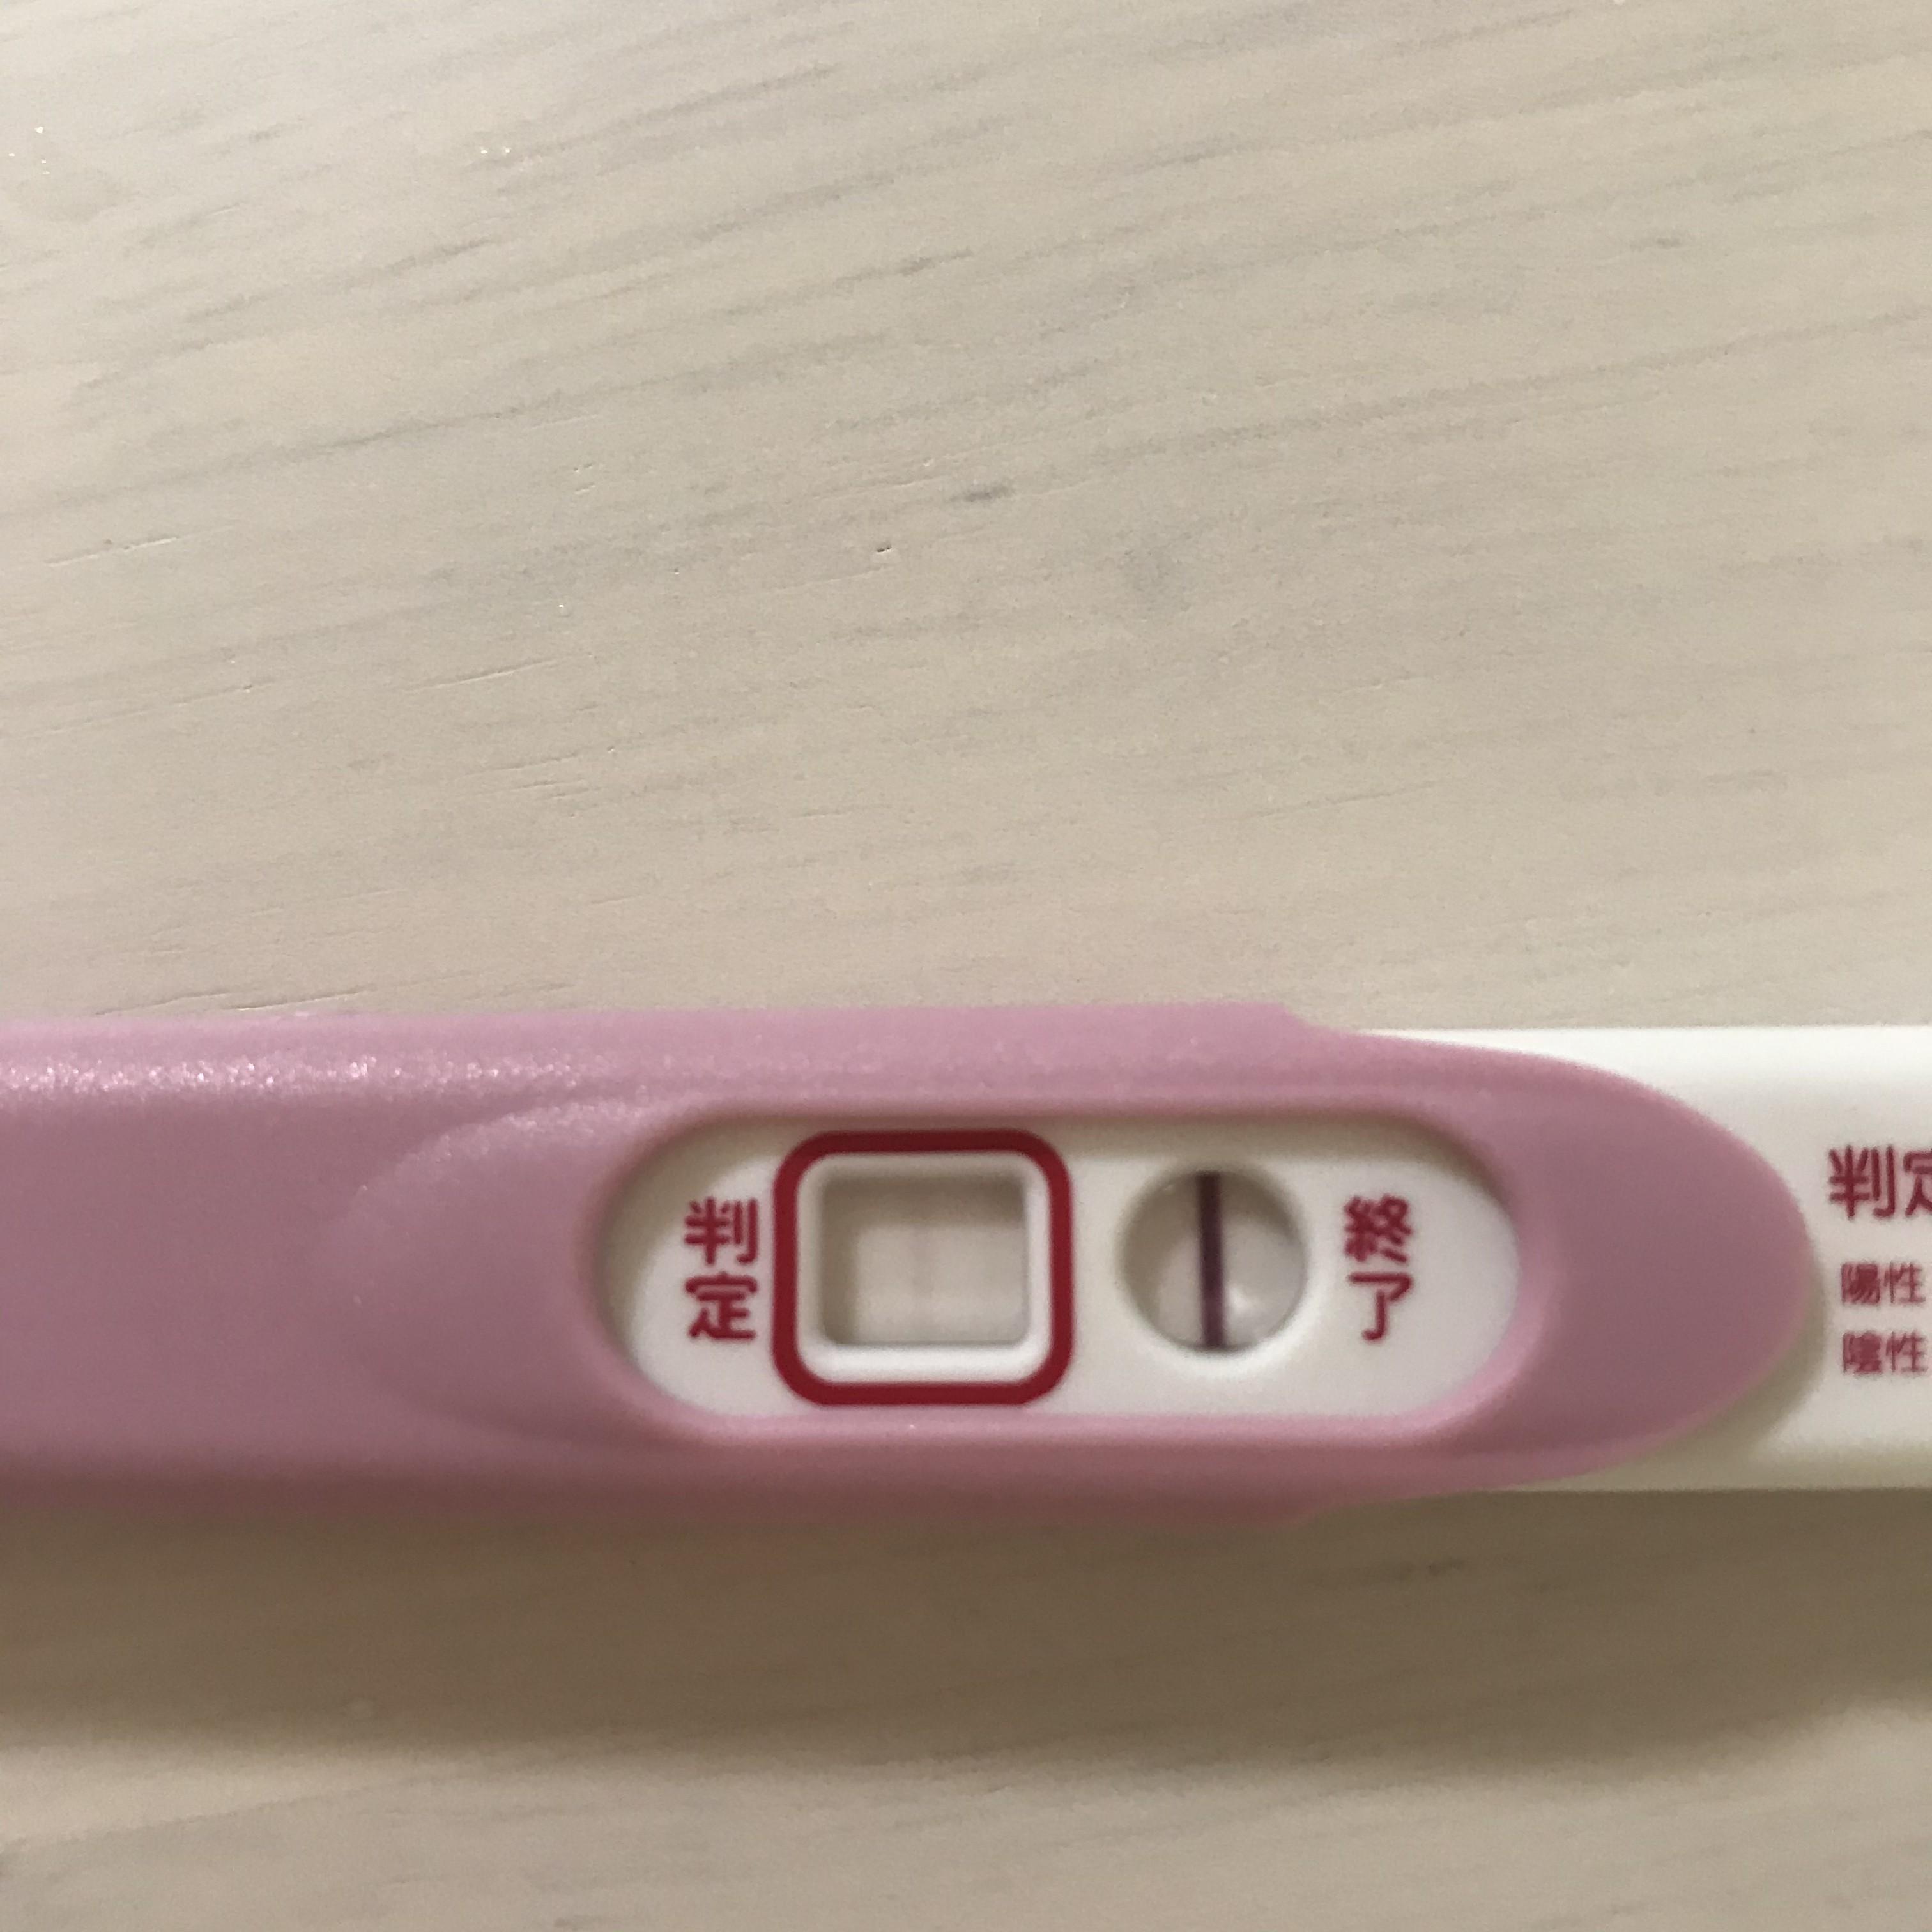 妊娠検査薬 生理予定日当日